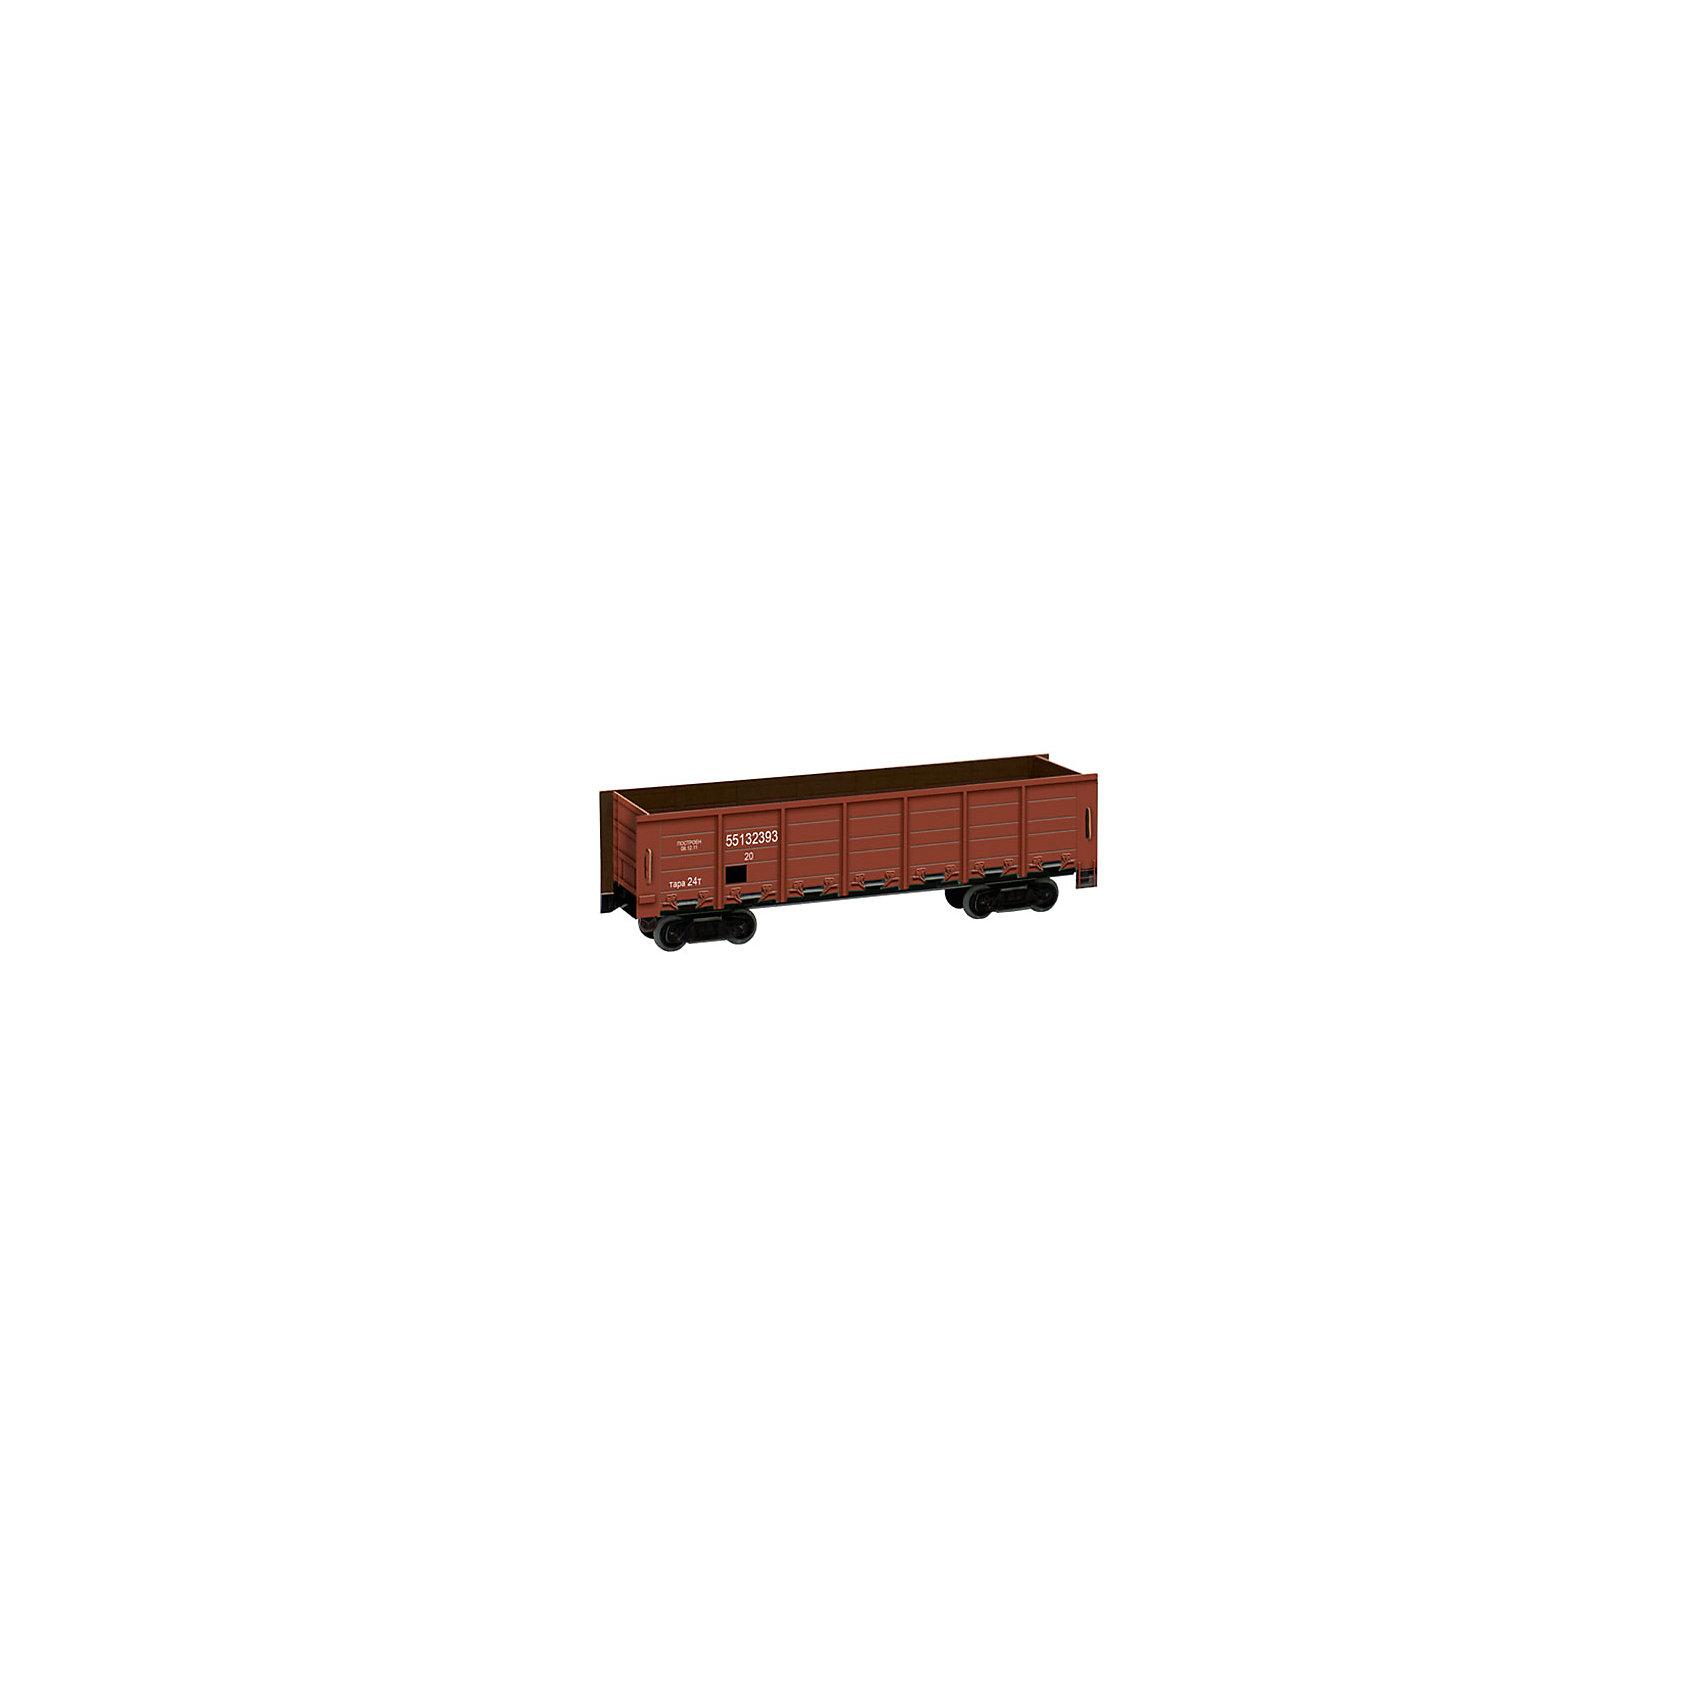 Сборная модель ПолувагонМодели из картона и бумаги<br>Полувагон (коричневый)<br>Полувагон - грузовой вагон с высокими бортами без крыши для перевозки грузов, не требующих защиты от атмосферных осадков. Может иметь разгрузочные люки в полу и раскрывающиеся боковые стенки или глухой кузов. Бывают двух типов: люковые и глуходонные.<br><br>Количество деталей: 20.<br>Сложность сборки: 1.<br>Масштаб: 1:87.<br>Размер модели: 16,5х5х4 см.<br>Материалы: двойной картон.<br>Возраст: 7+.<br><br>Ширина мм: 170<br>Глубина мм: 2<br>Высота мм: 240<br>Вес г: 48<br>Возраст от месяцев: 84<br>Возраст до месяцев: 2147483647<br>Пол: Унисекс<br>Возраст: Детский<br>SKU: 4807395